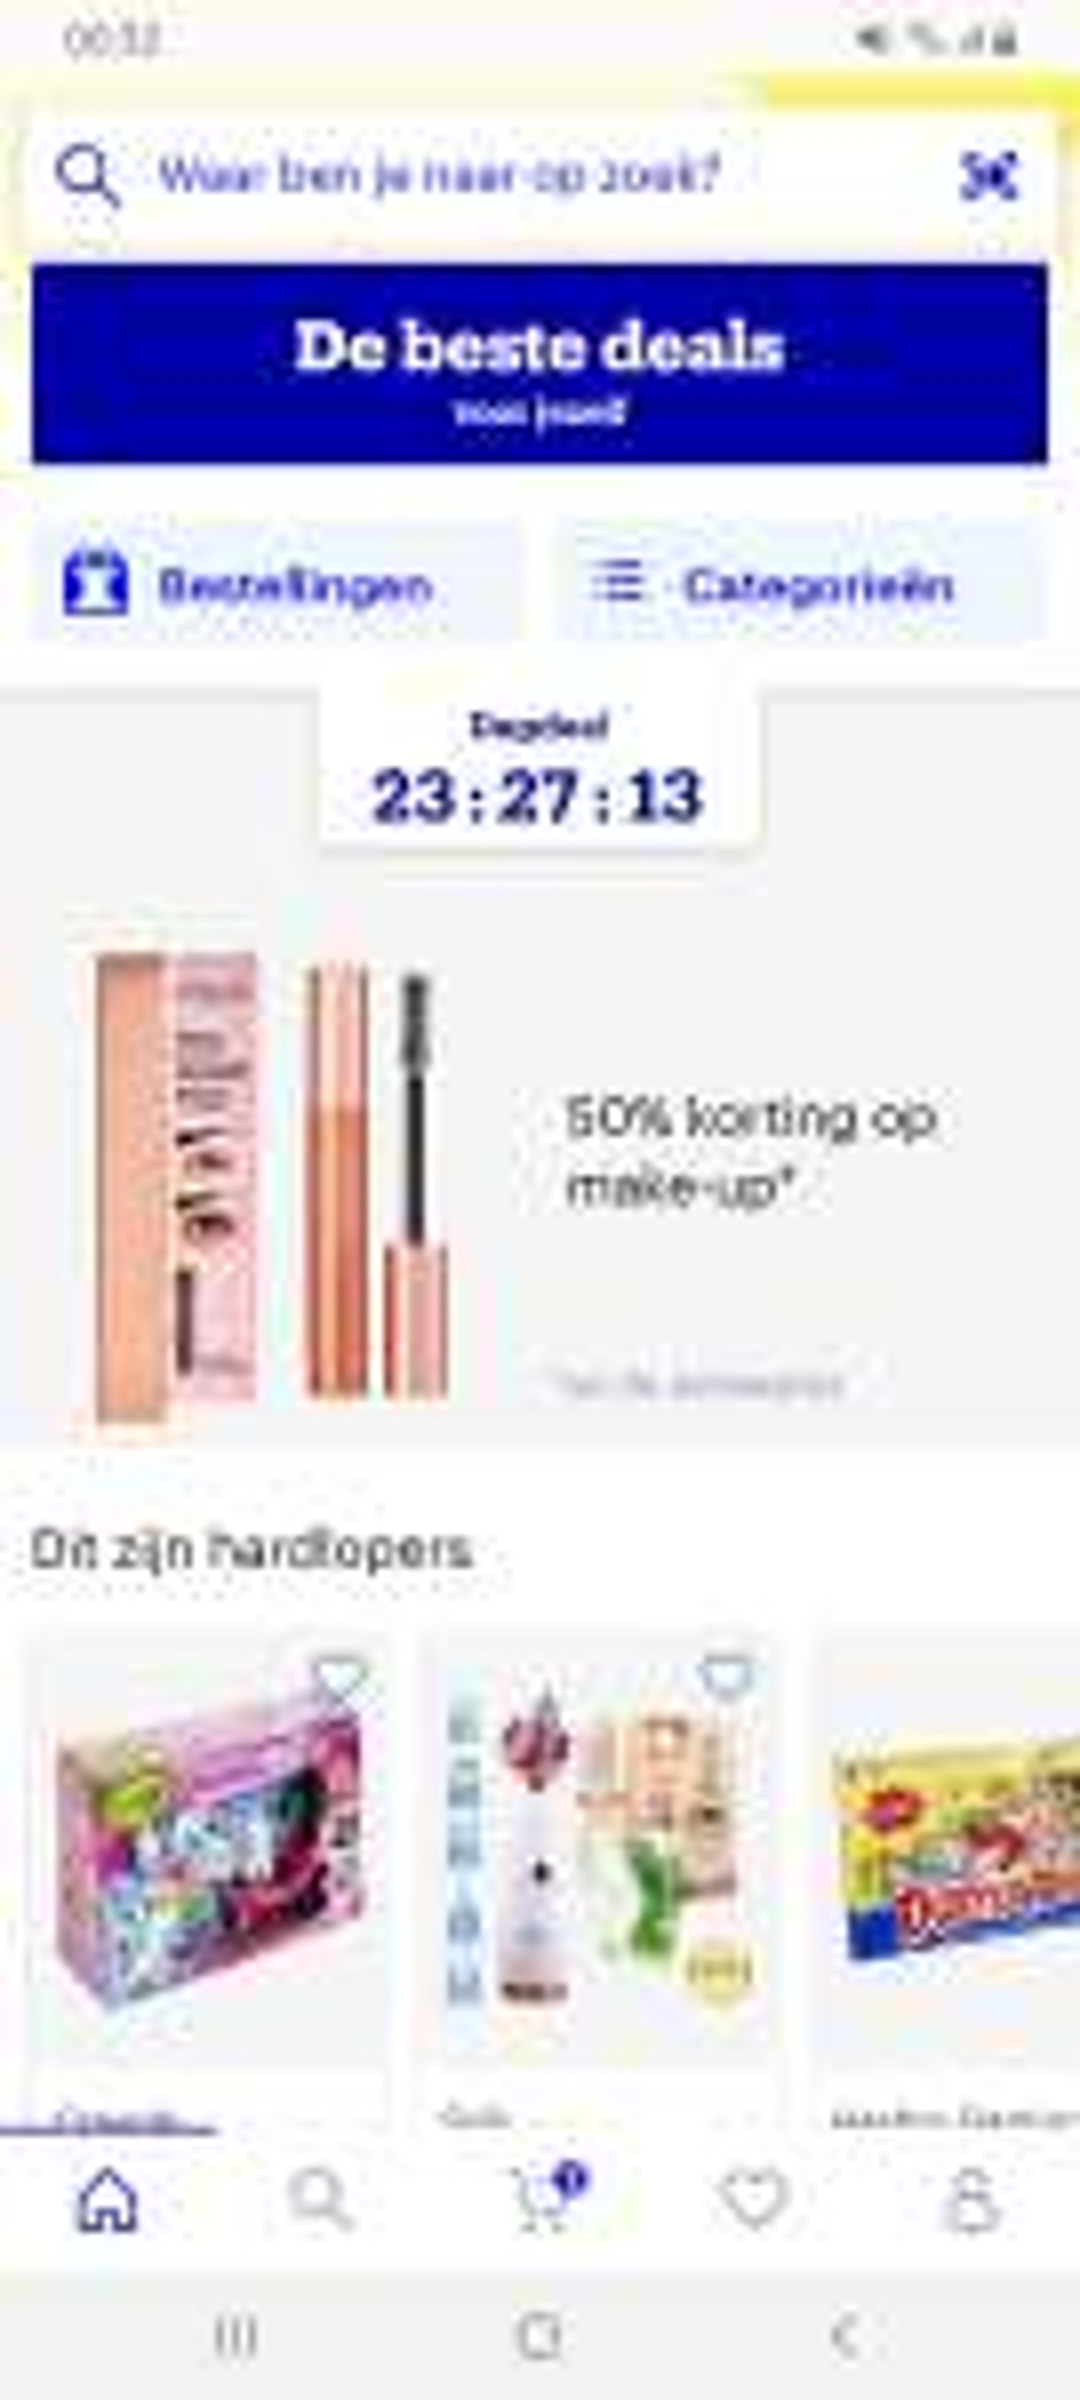 DAGDEAL 50% korting op makeup bij Bol.com